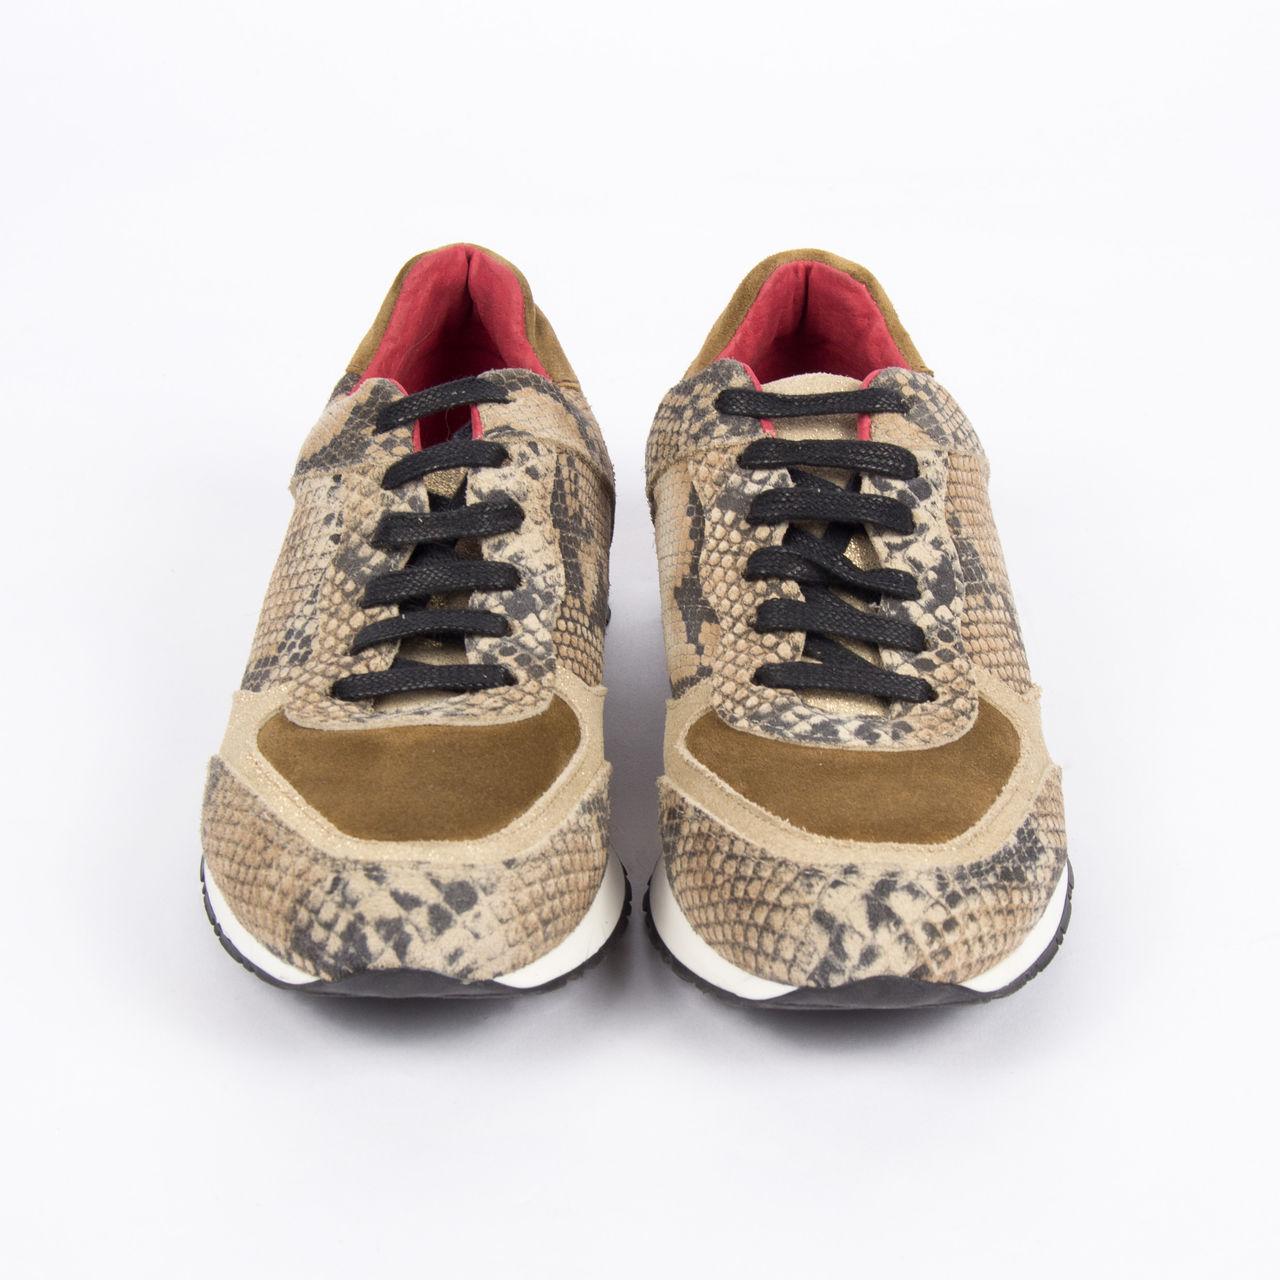 Parra Boutique LA Catherine FEMME gt; gt; Chaussures wYadYr1q